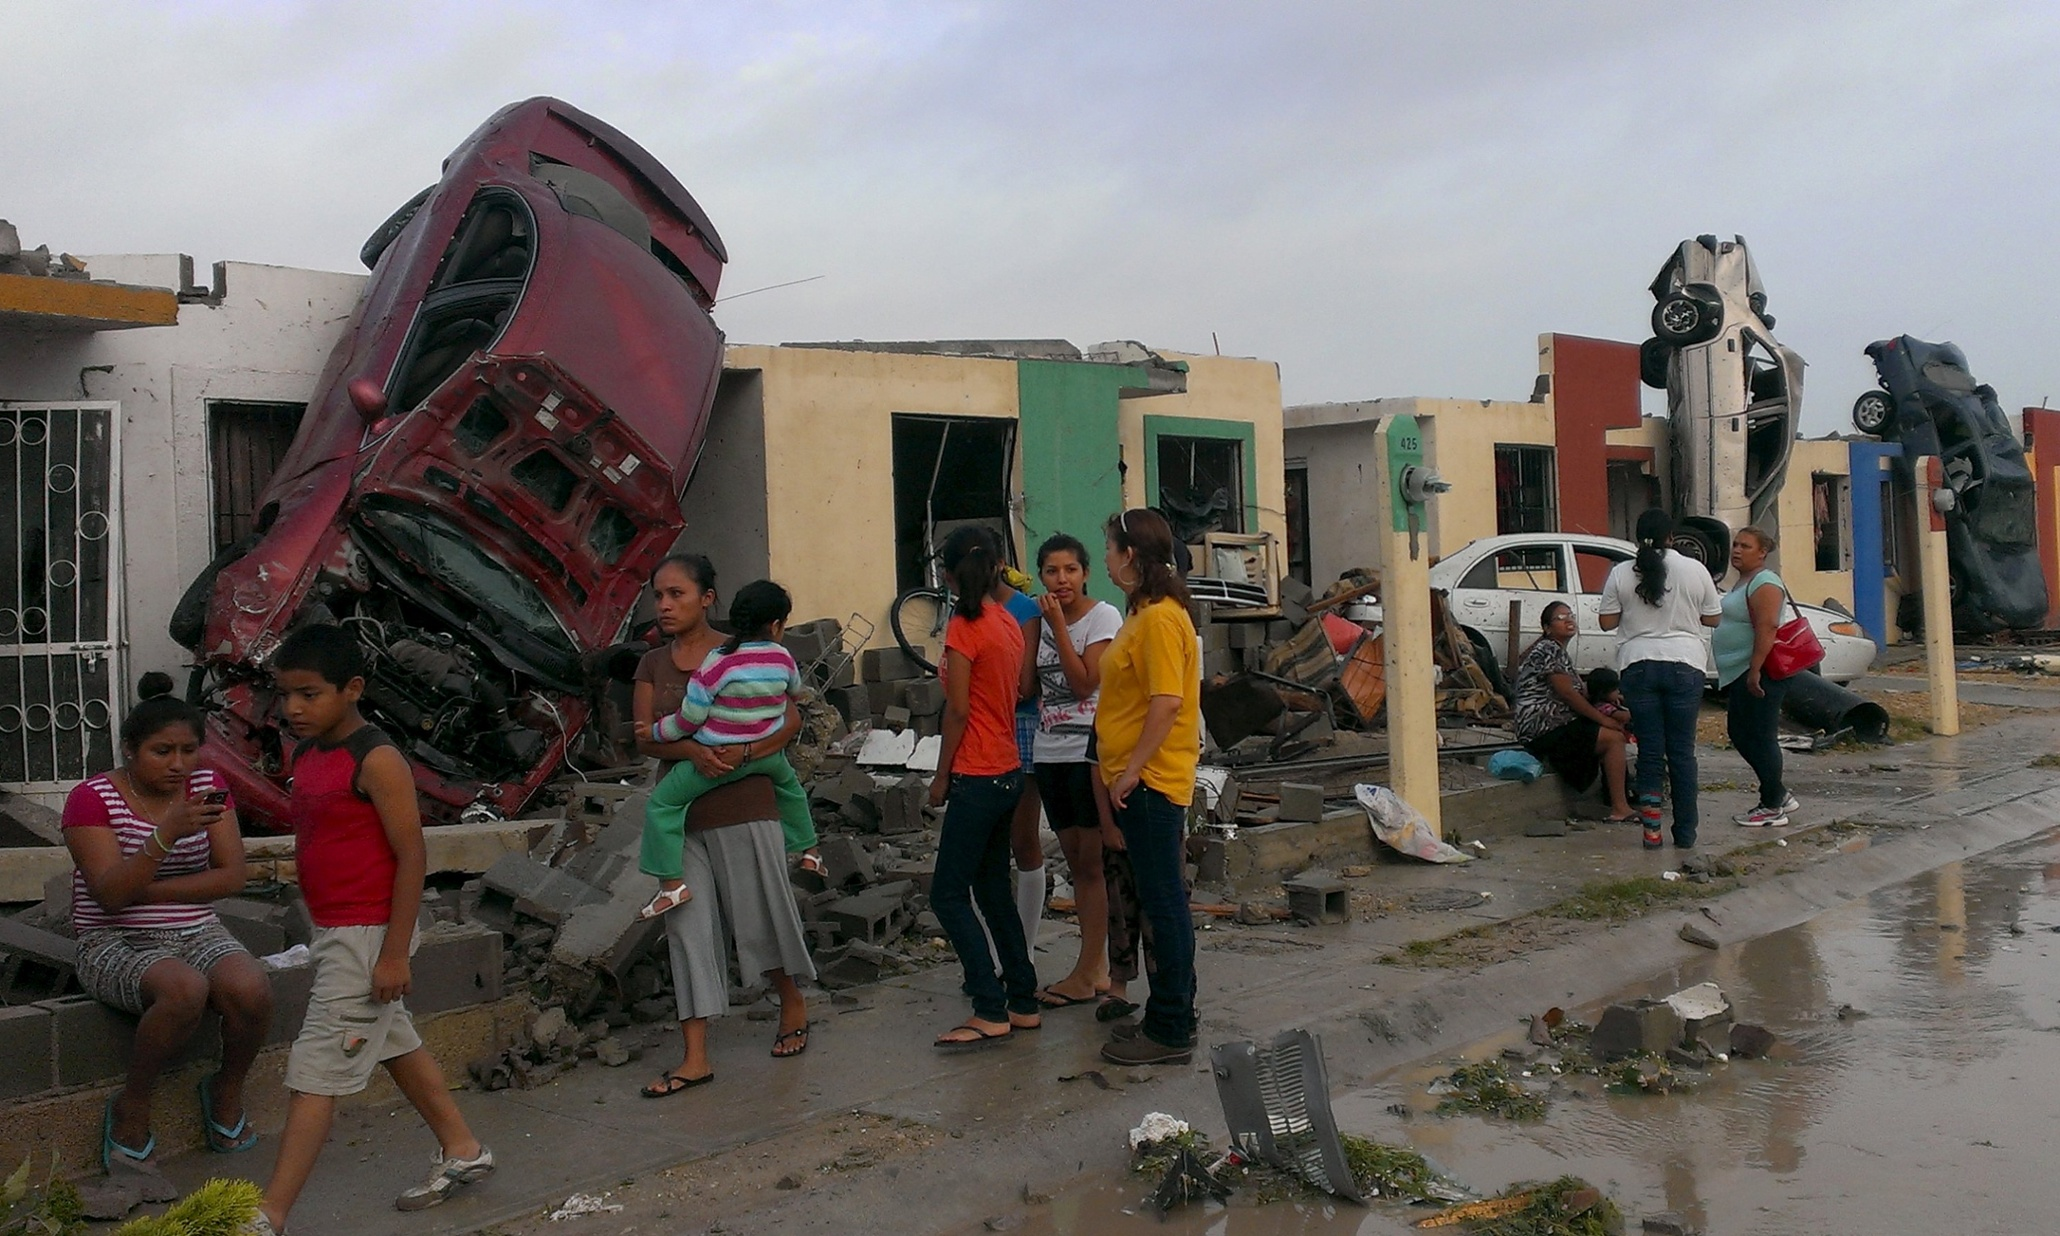 Mexico tornado kills 13 people in Ciudad Acuna on US border - The Guardian